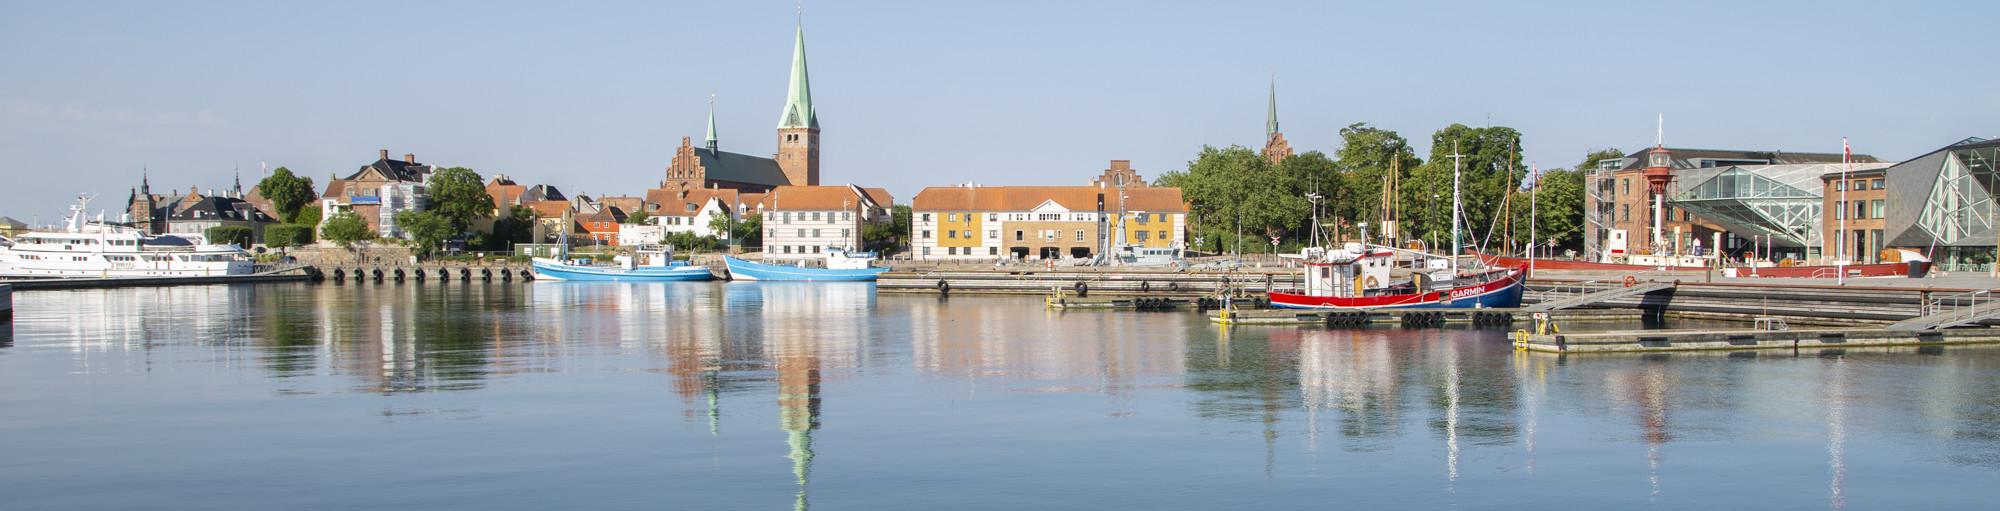 Skyline af Helsingør Domkirke og Stift